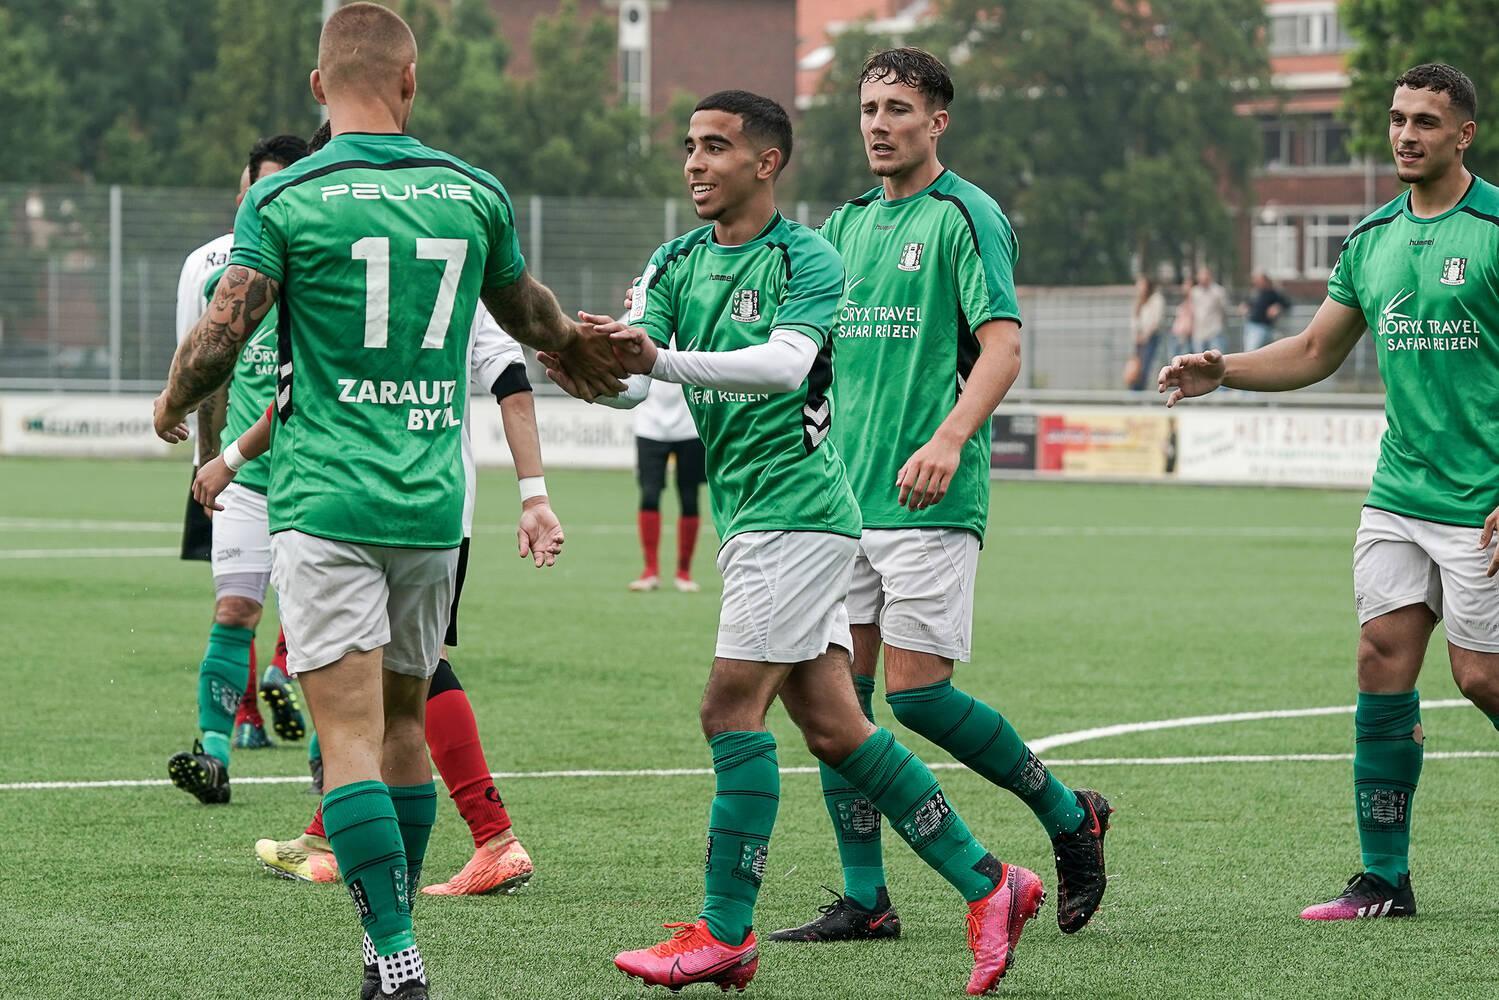 Laakkwartier - SV Scheveningen 1-7